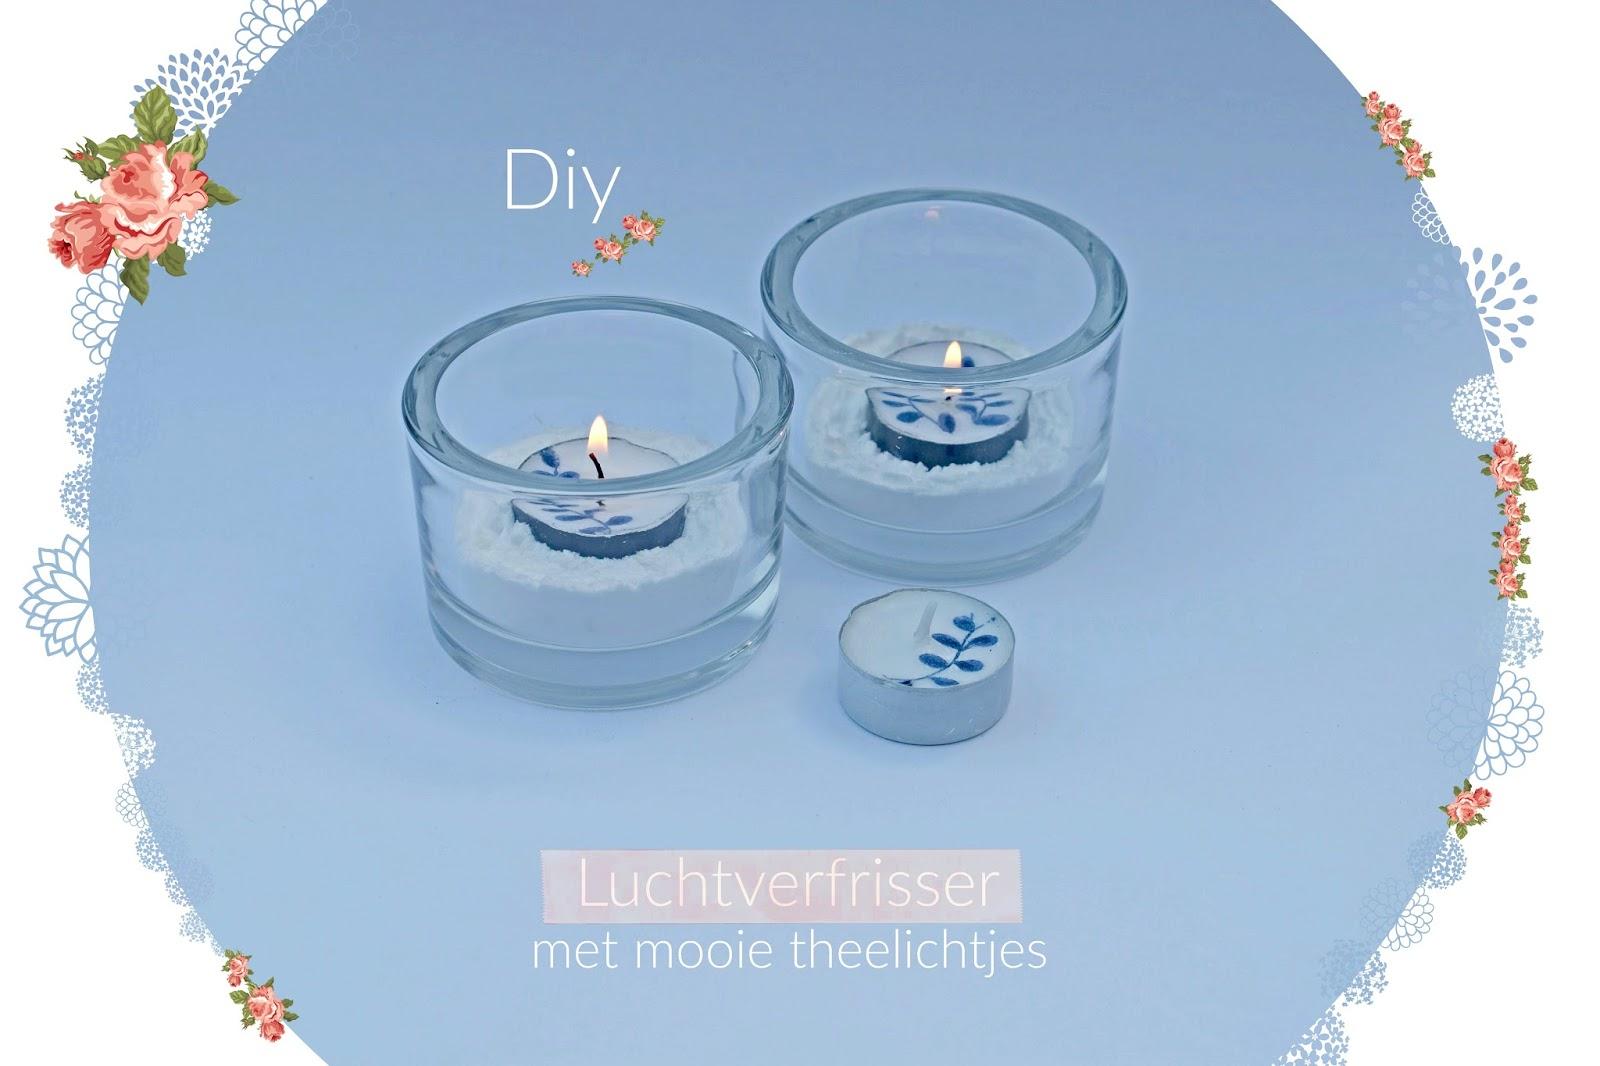 Luchtverfrisser zelf maken, met mooie theelichtjes - Diy